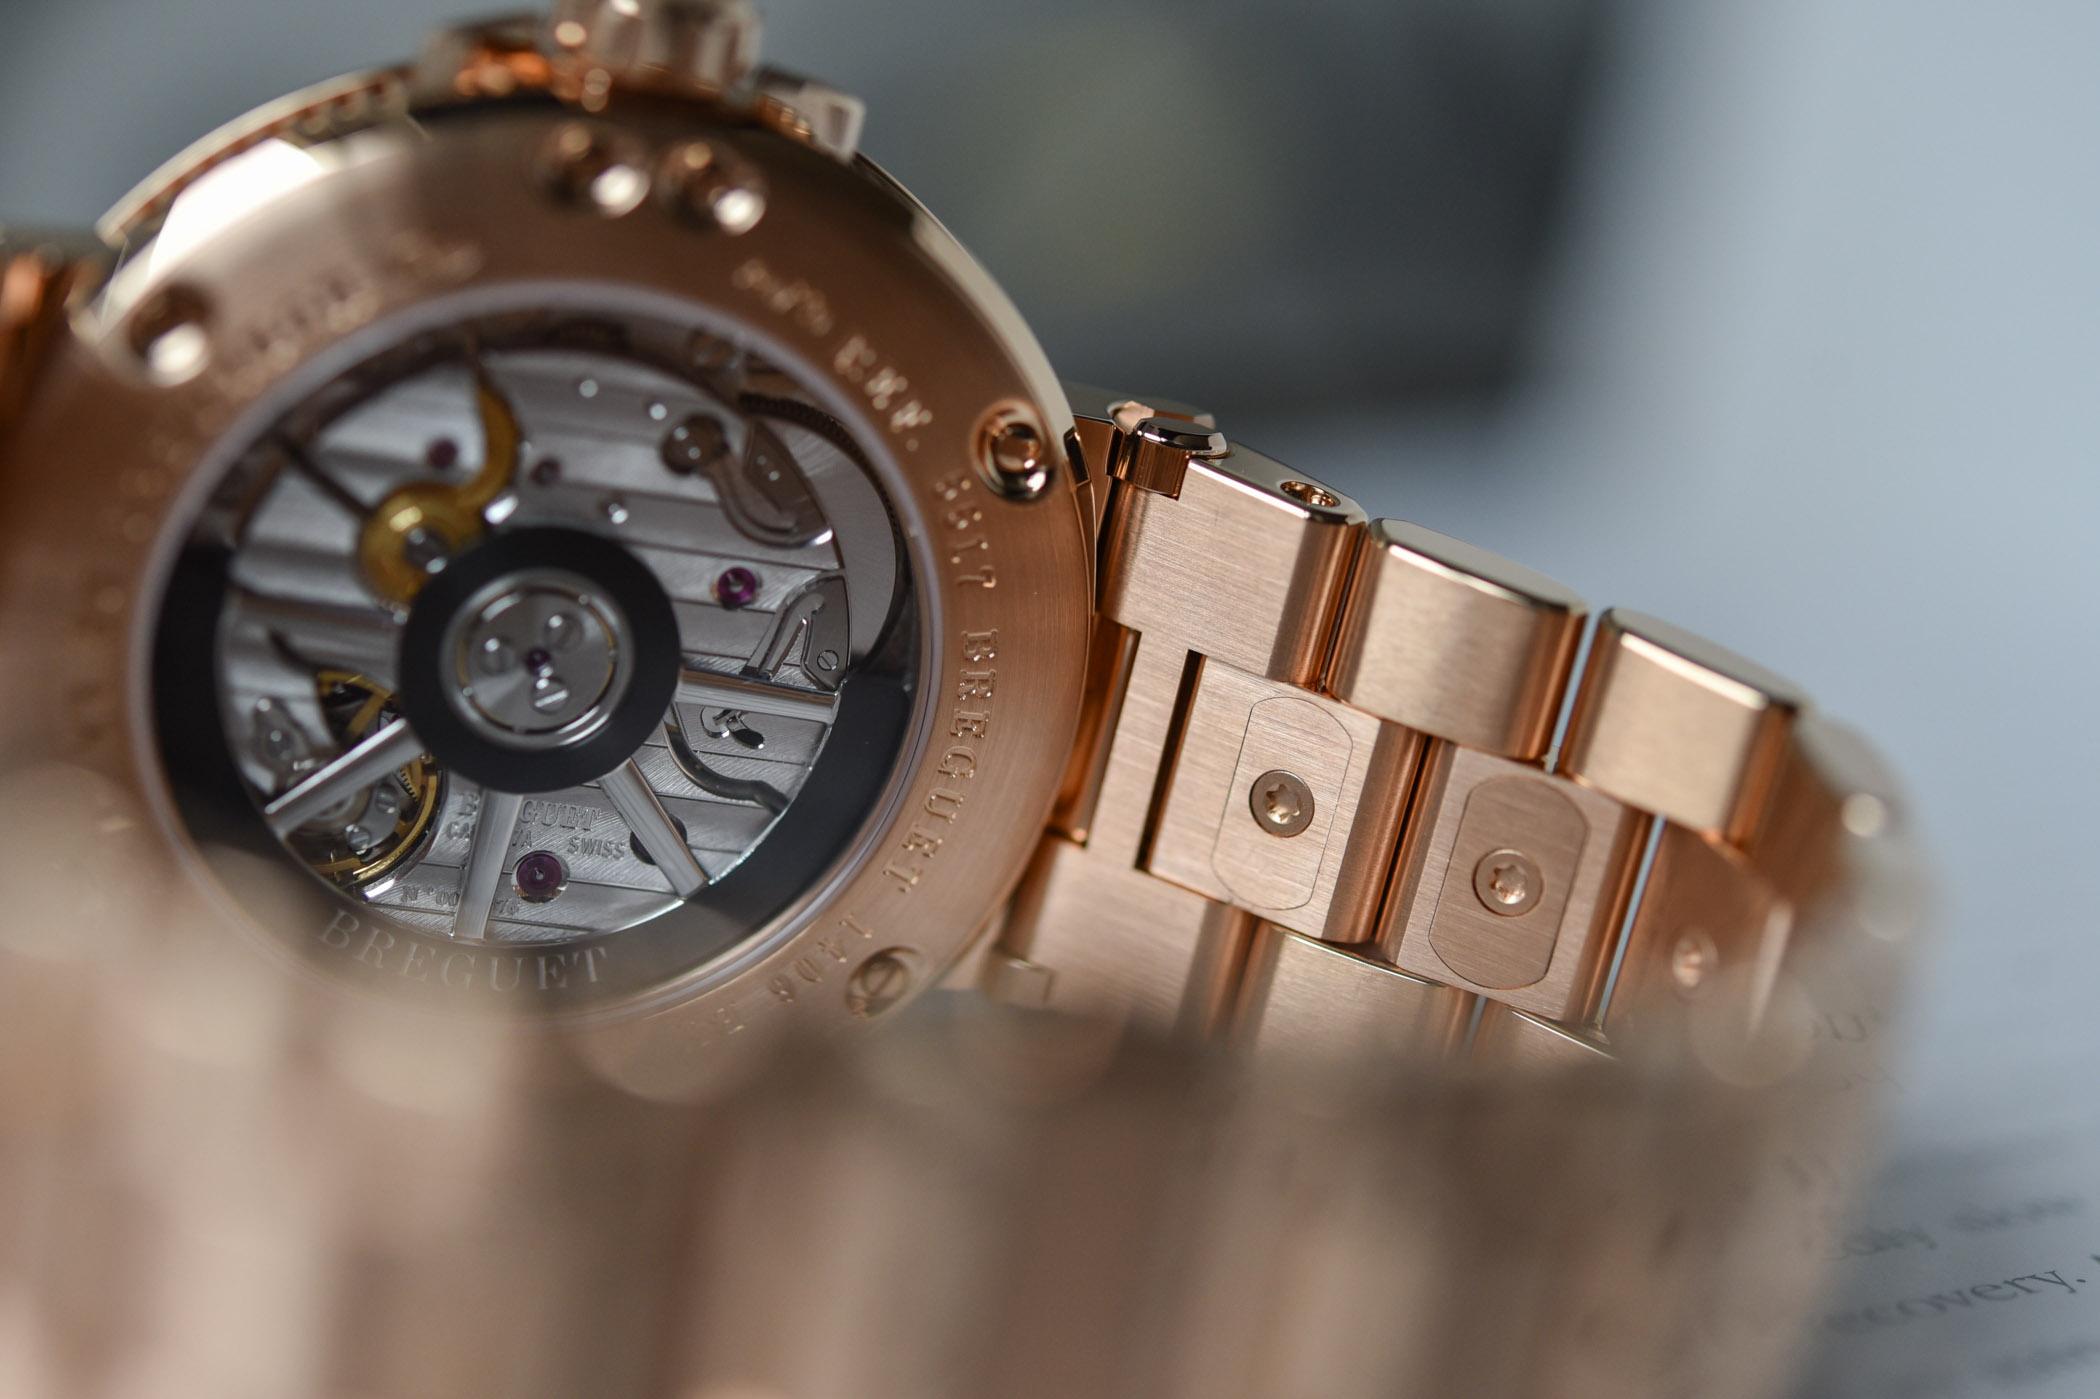 2020 Breguet Marine 5517 Gold Bracelet